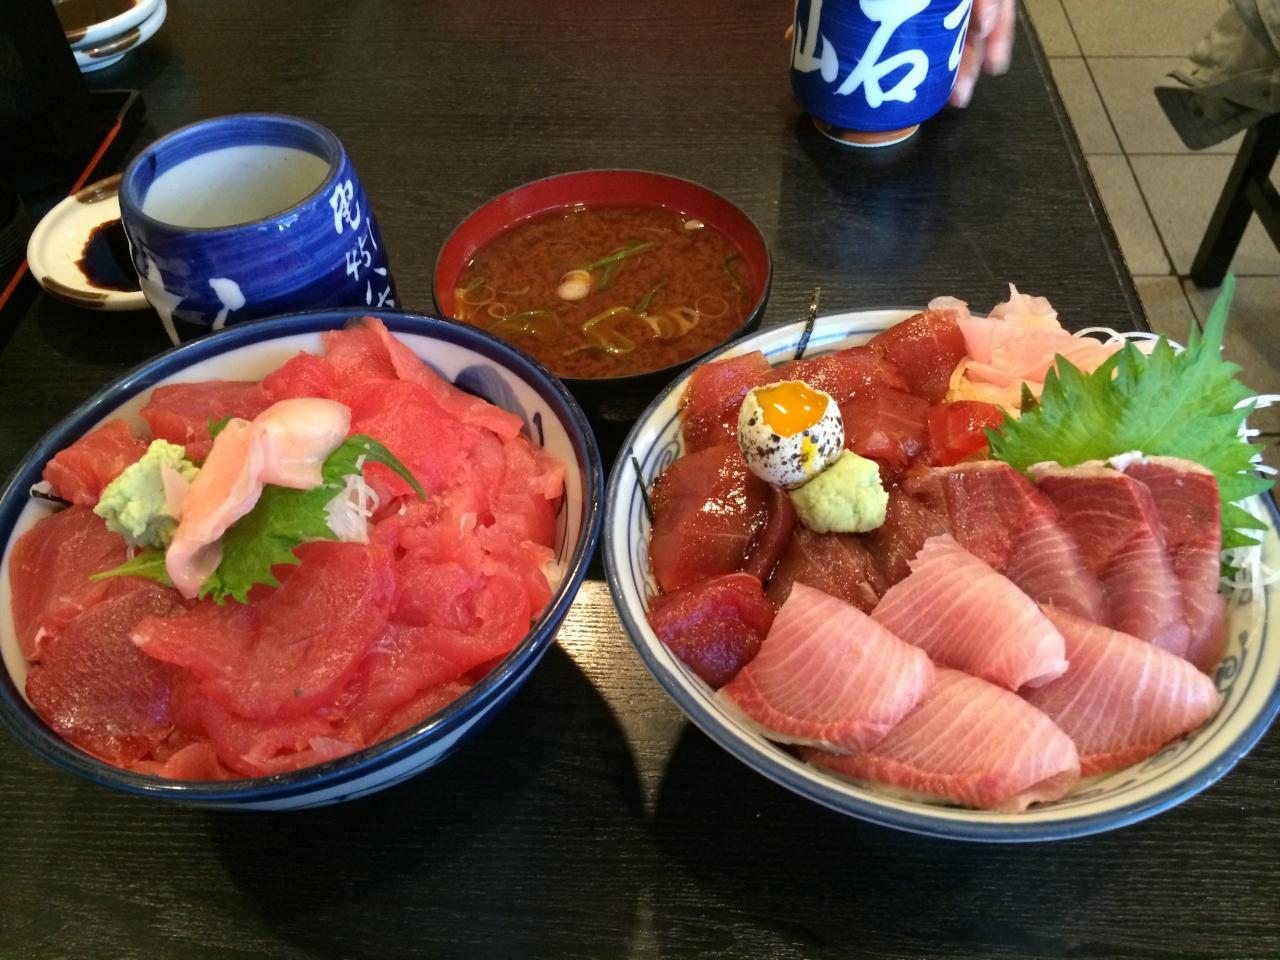 仙石すし 本店 クチコミガイド【フォートラベル】|名古屋